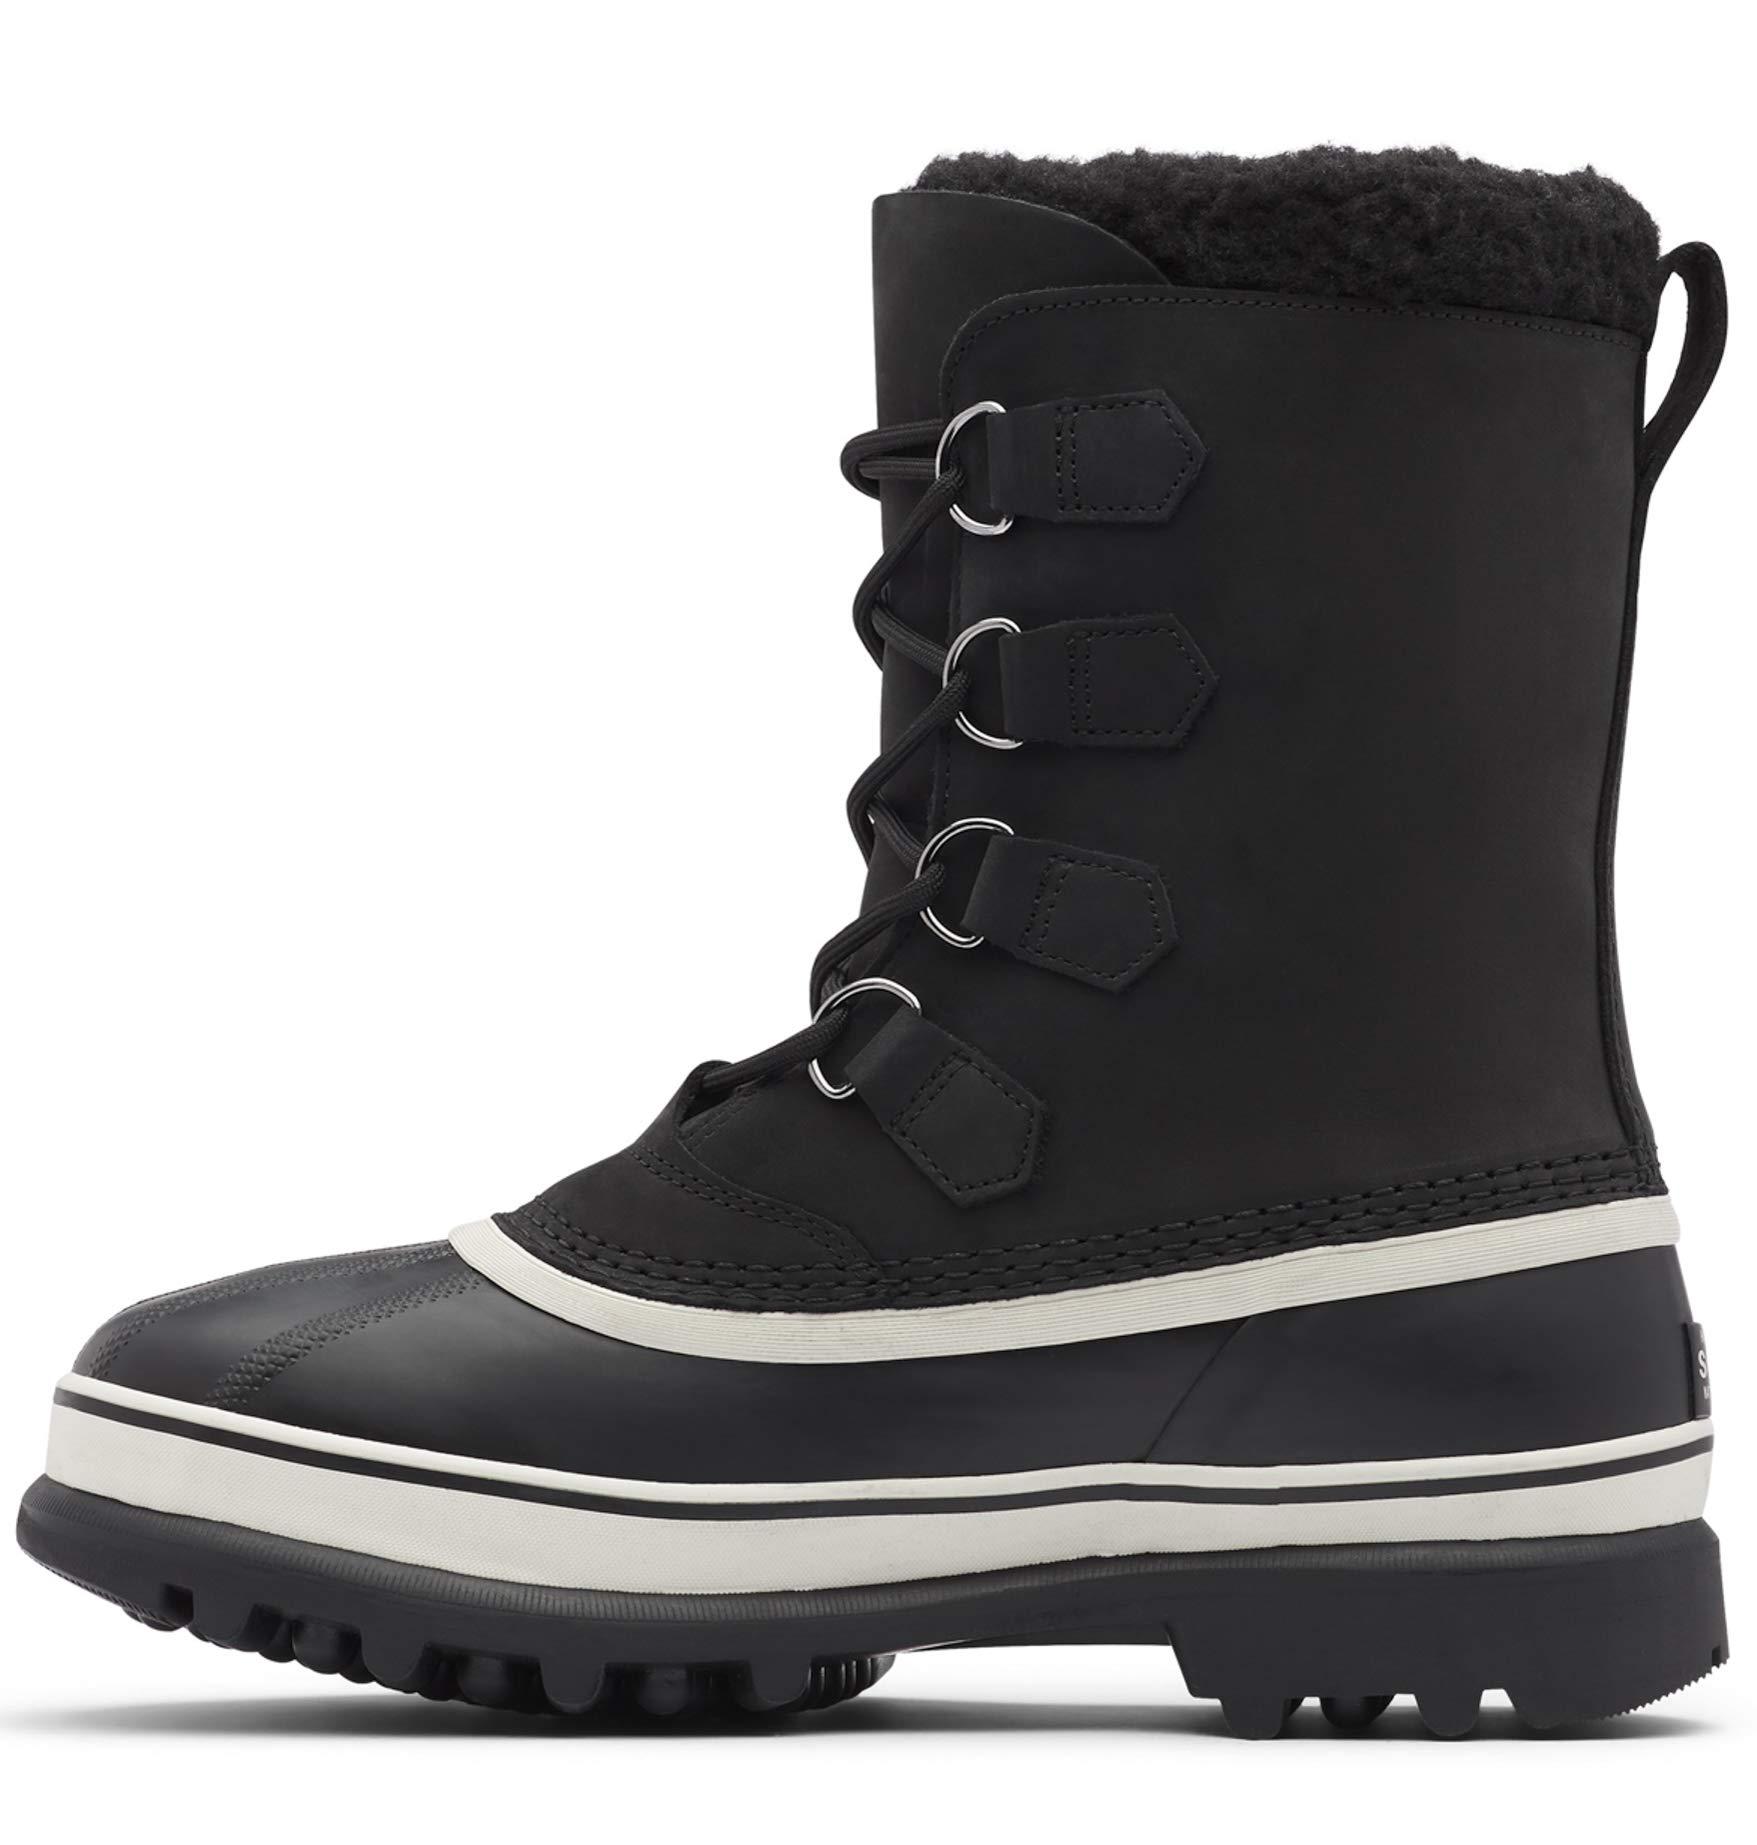 Men's Caribou Wl Snow Boots